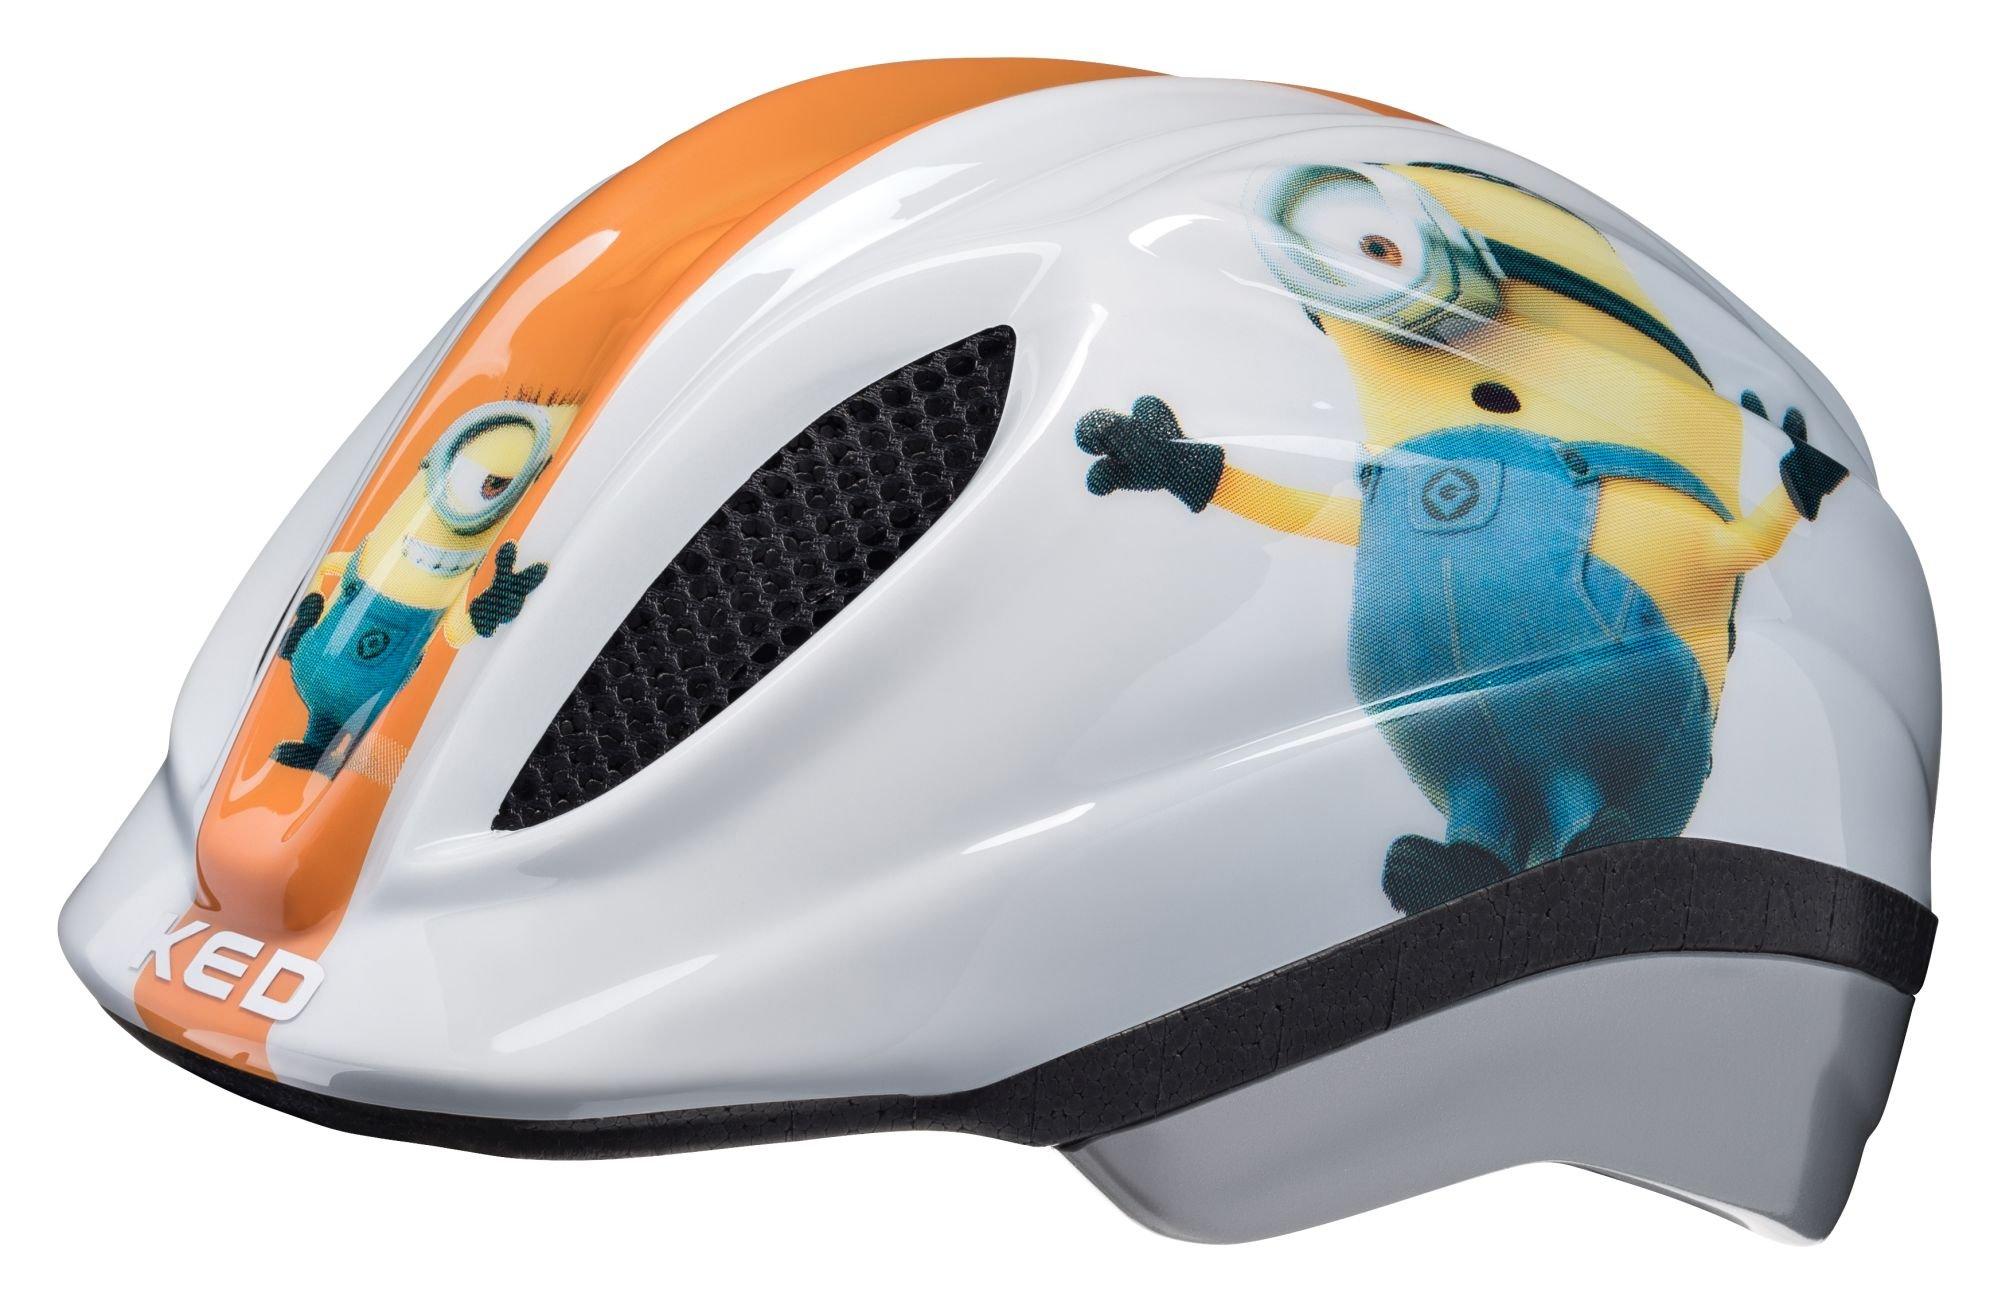 kinder- / jugend-helme/Helme: KED  Fahrradhelm Meggy II Originals 46-51 cm